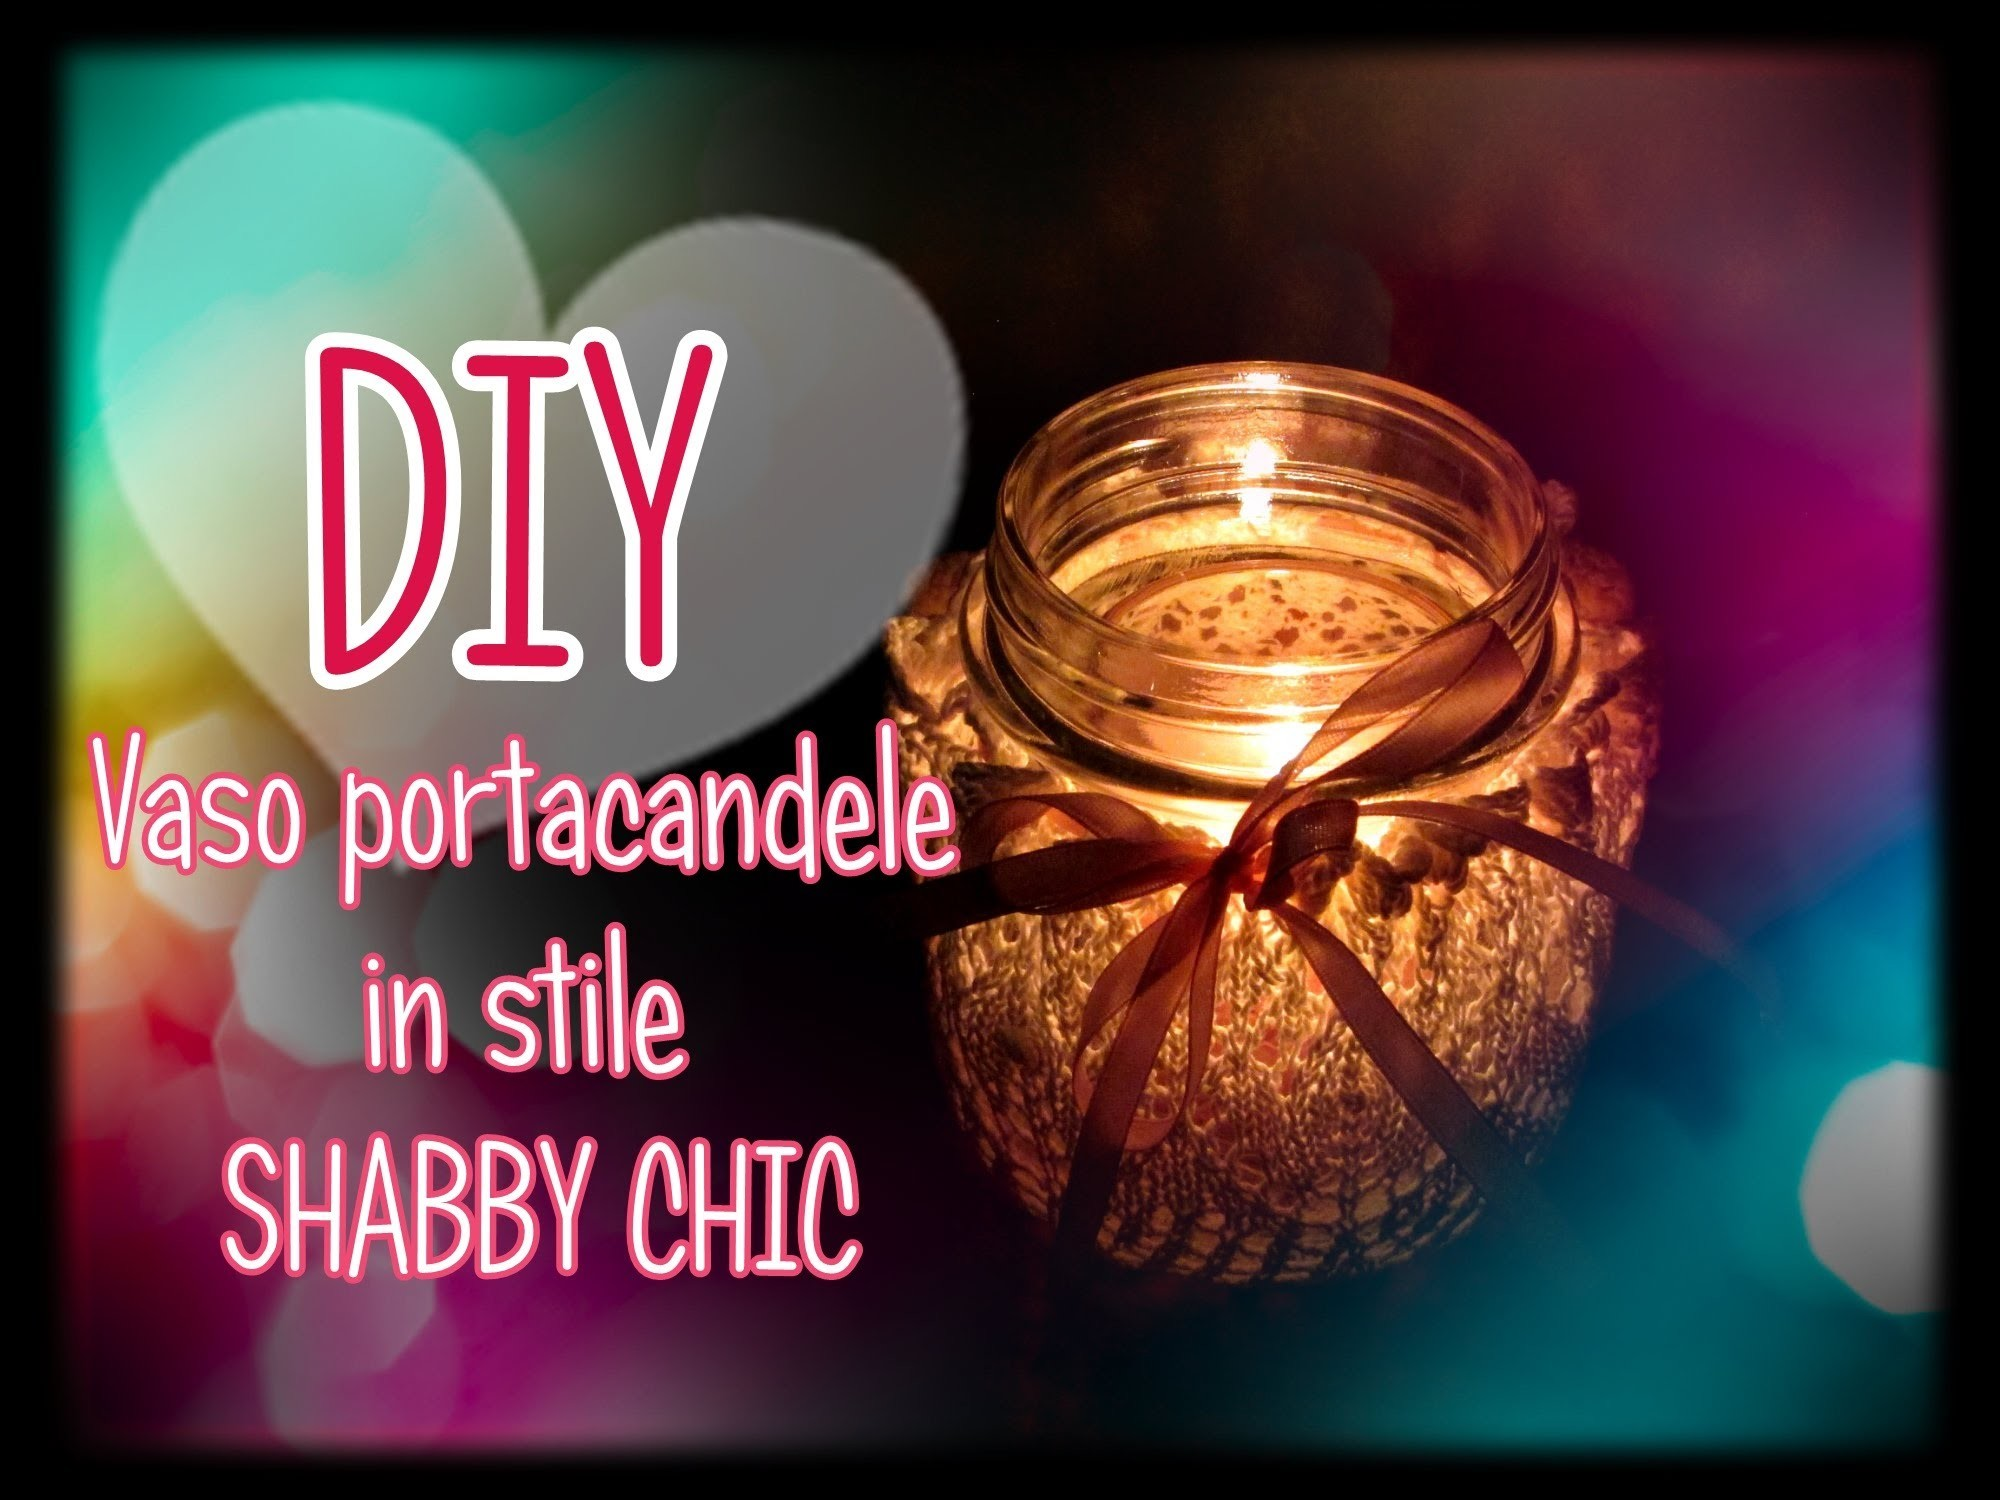 Vaso portacandele FAI DA TE in stile SHABBY CHIC! semplice da realizzare. DIY jar candle holders